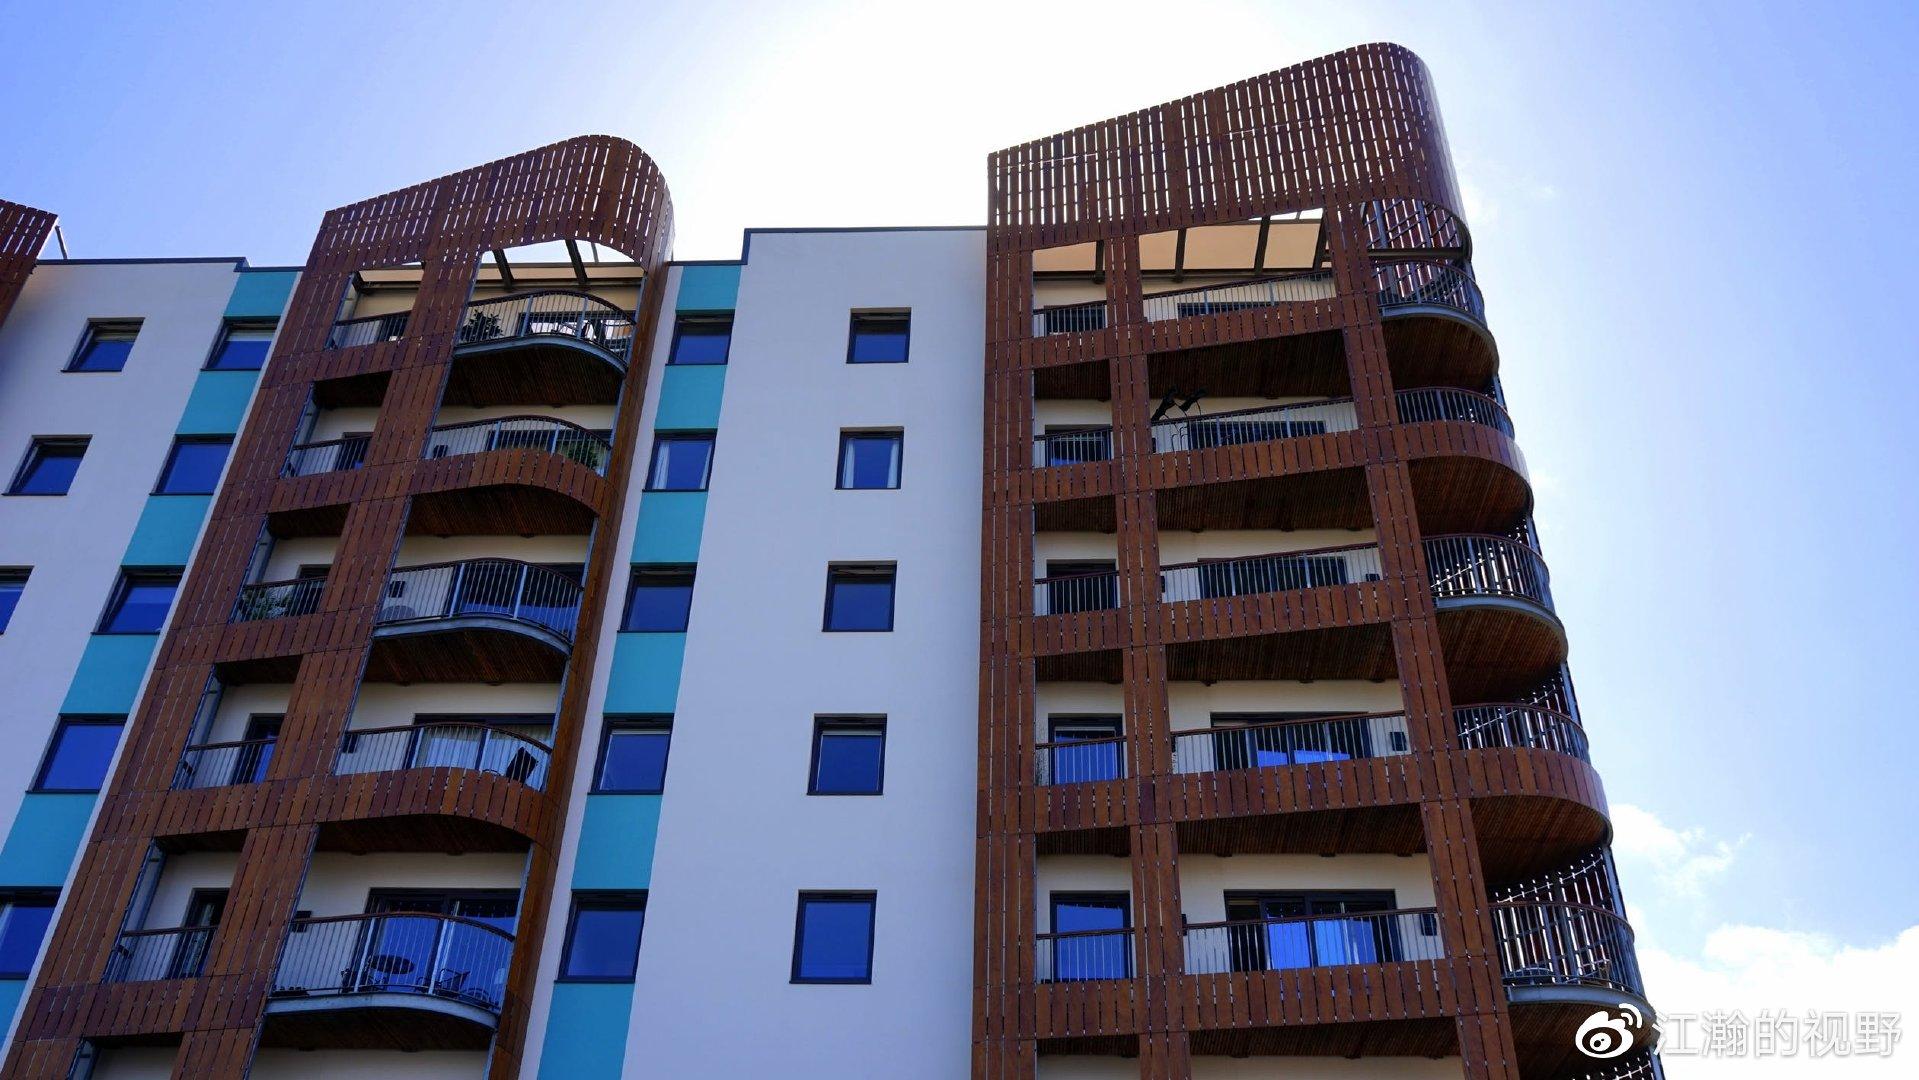 苏州推出装修参考价政策,装修标准明确将会如何影响房地产市场?